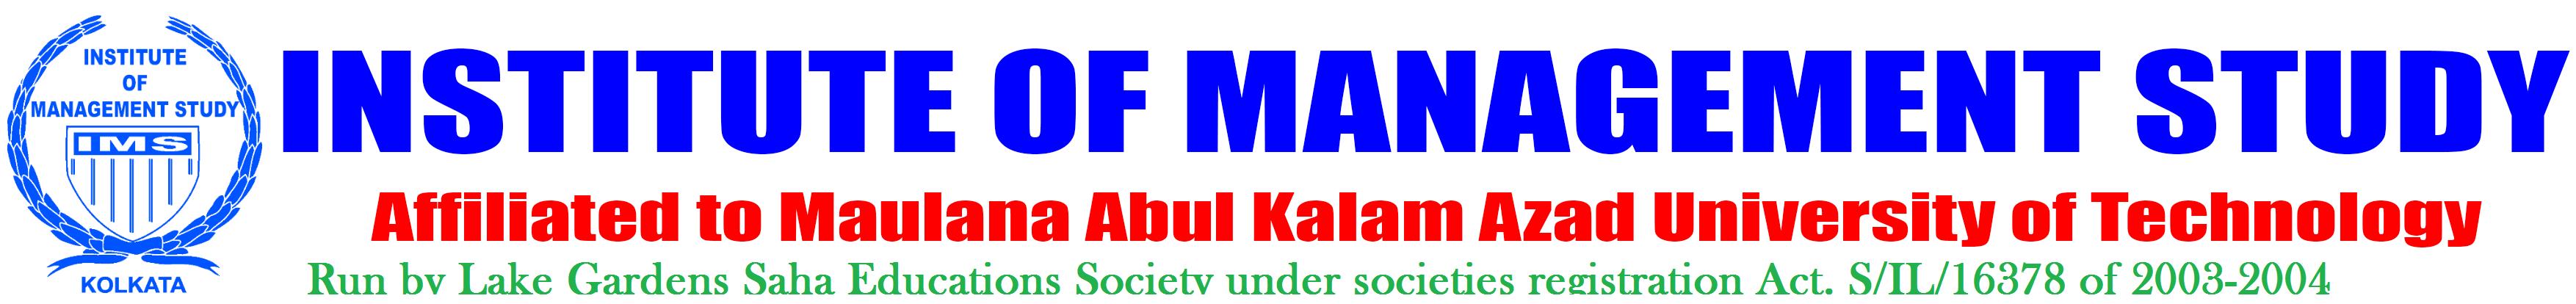 Institute of Management Study